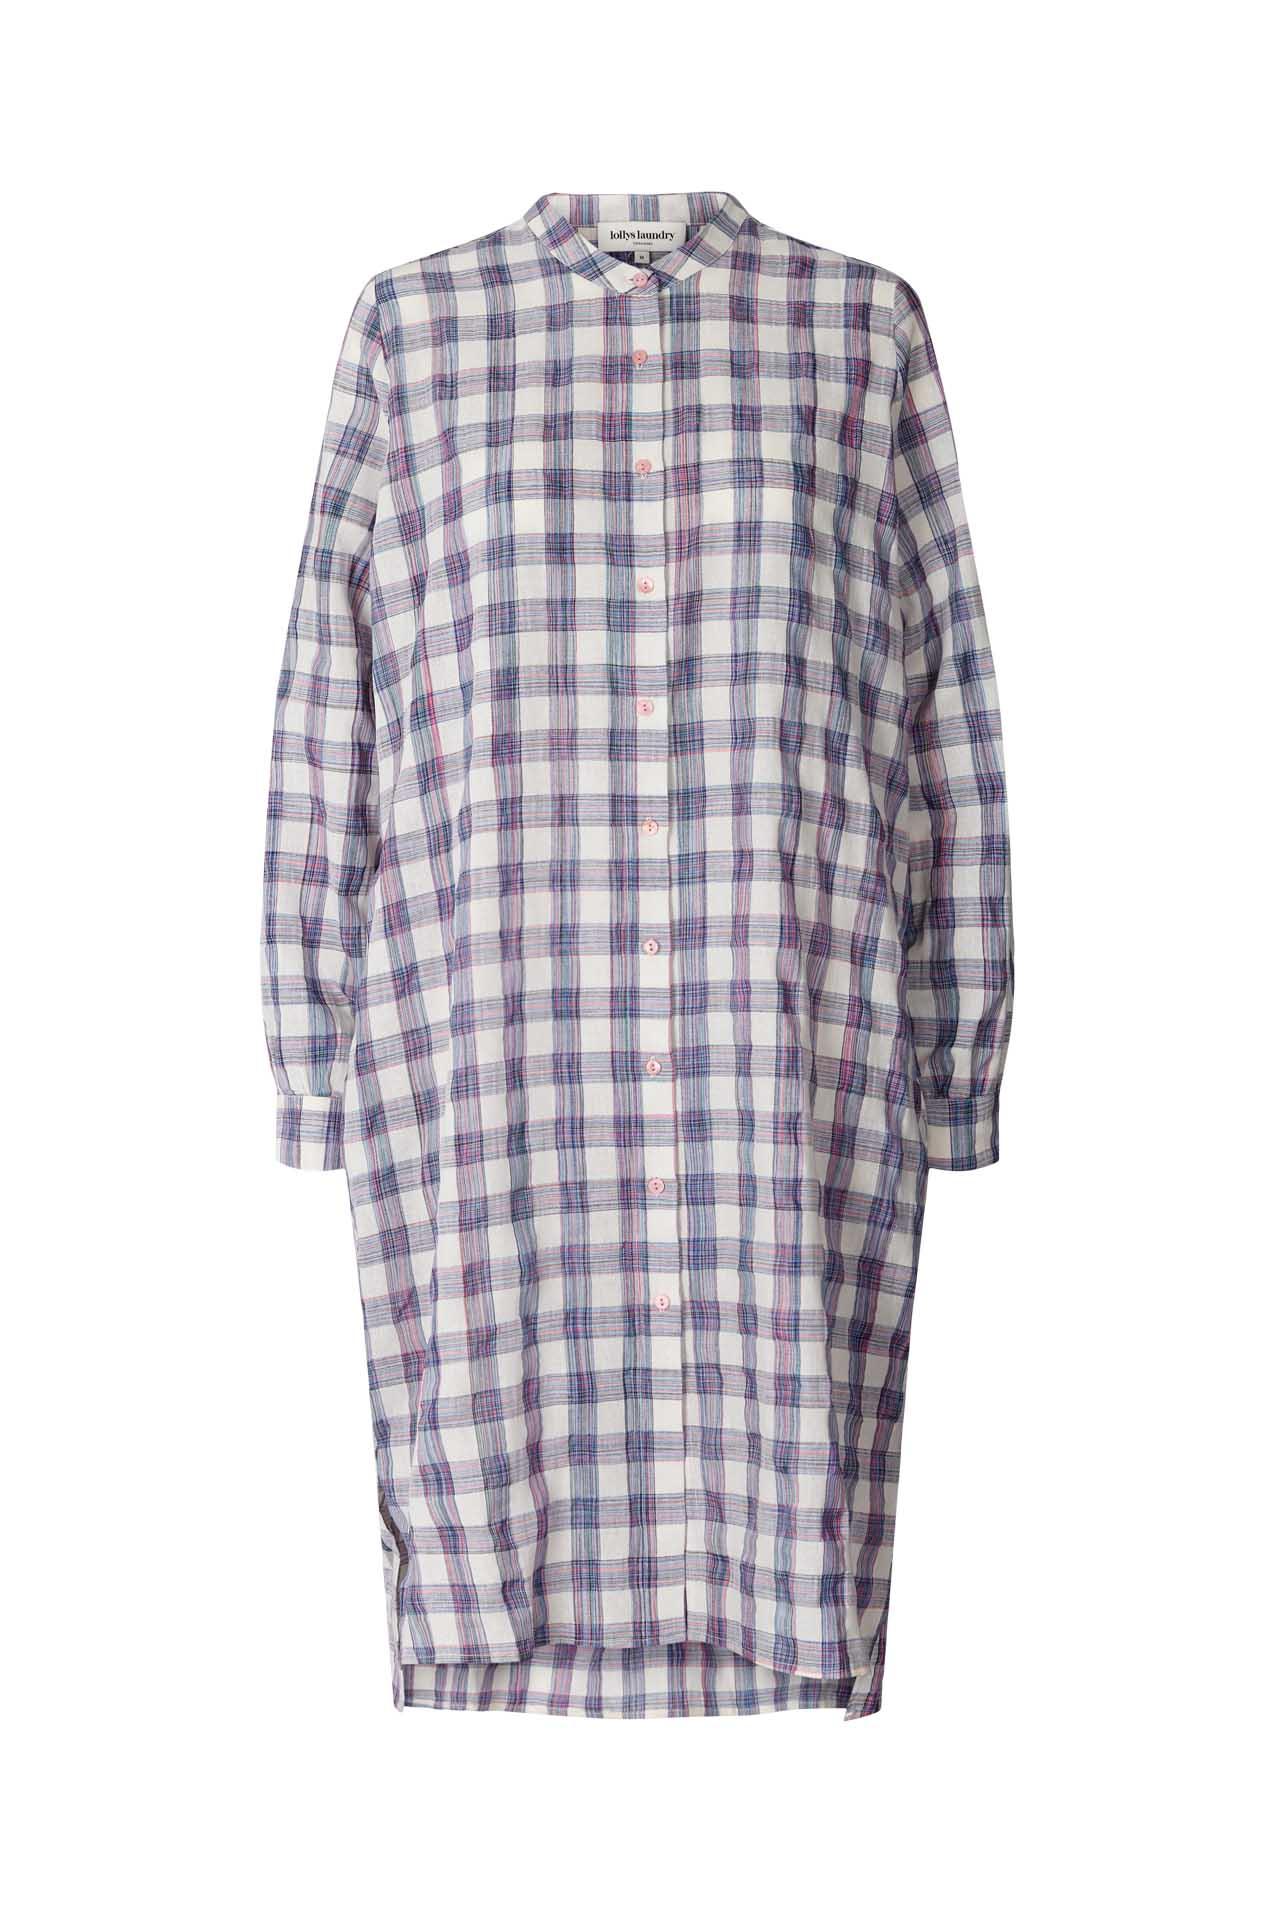 Lollys Laundry Vega skjorte